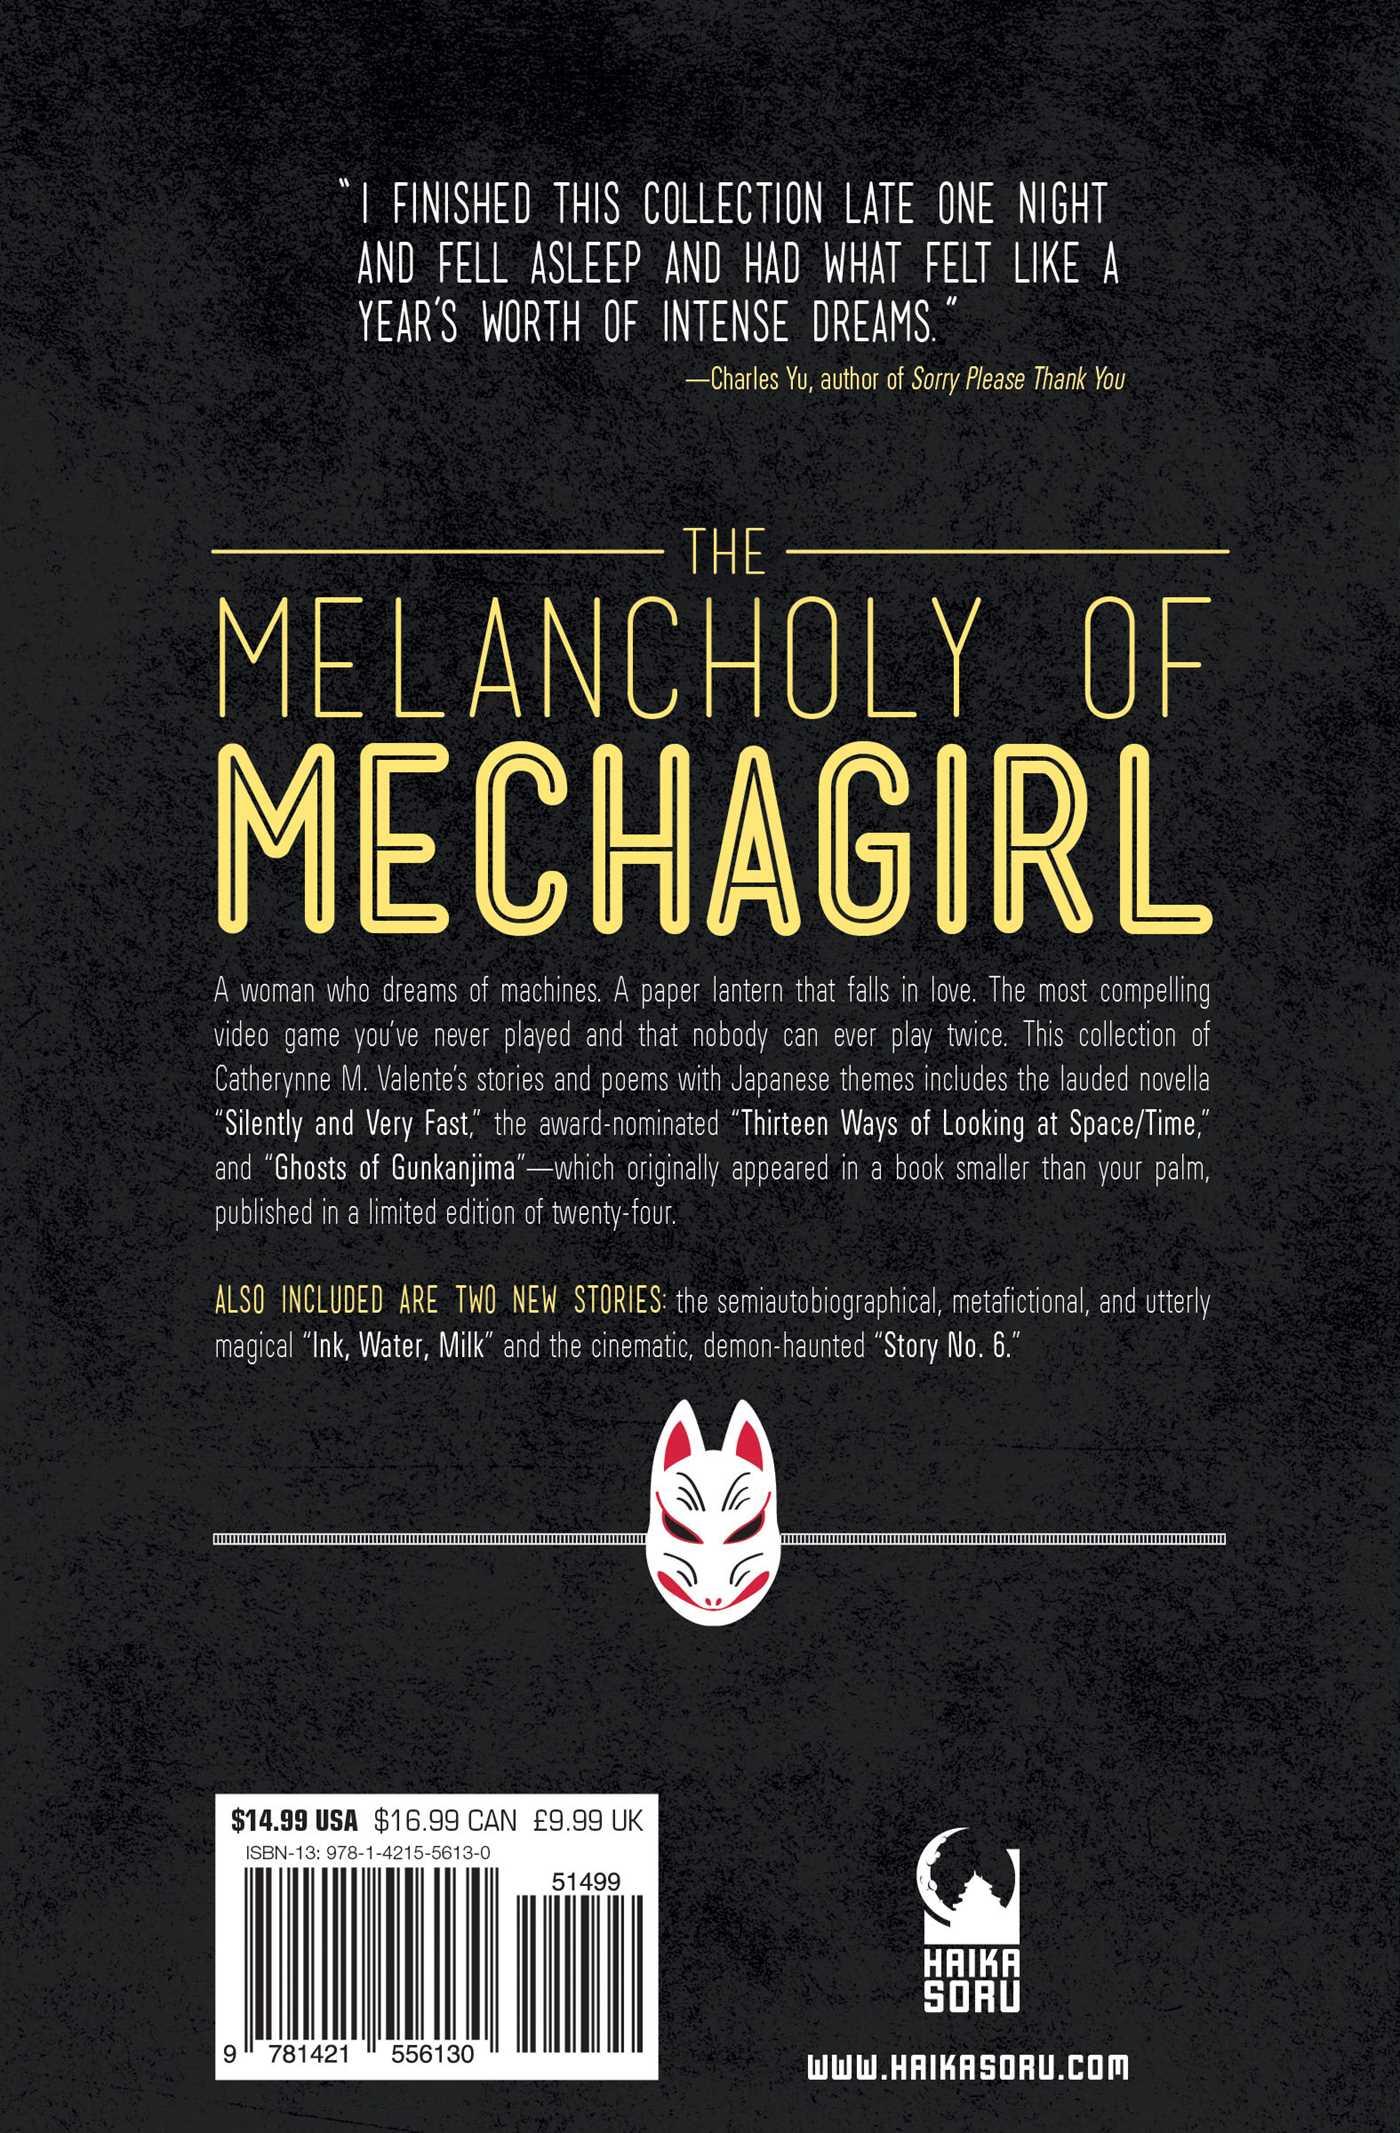 The melancholy of mechagirl 9781421556130 hr back